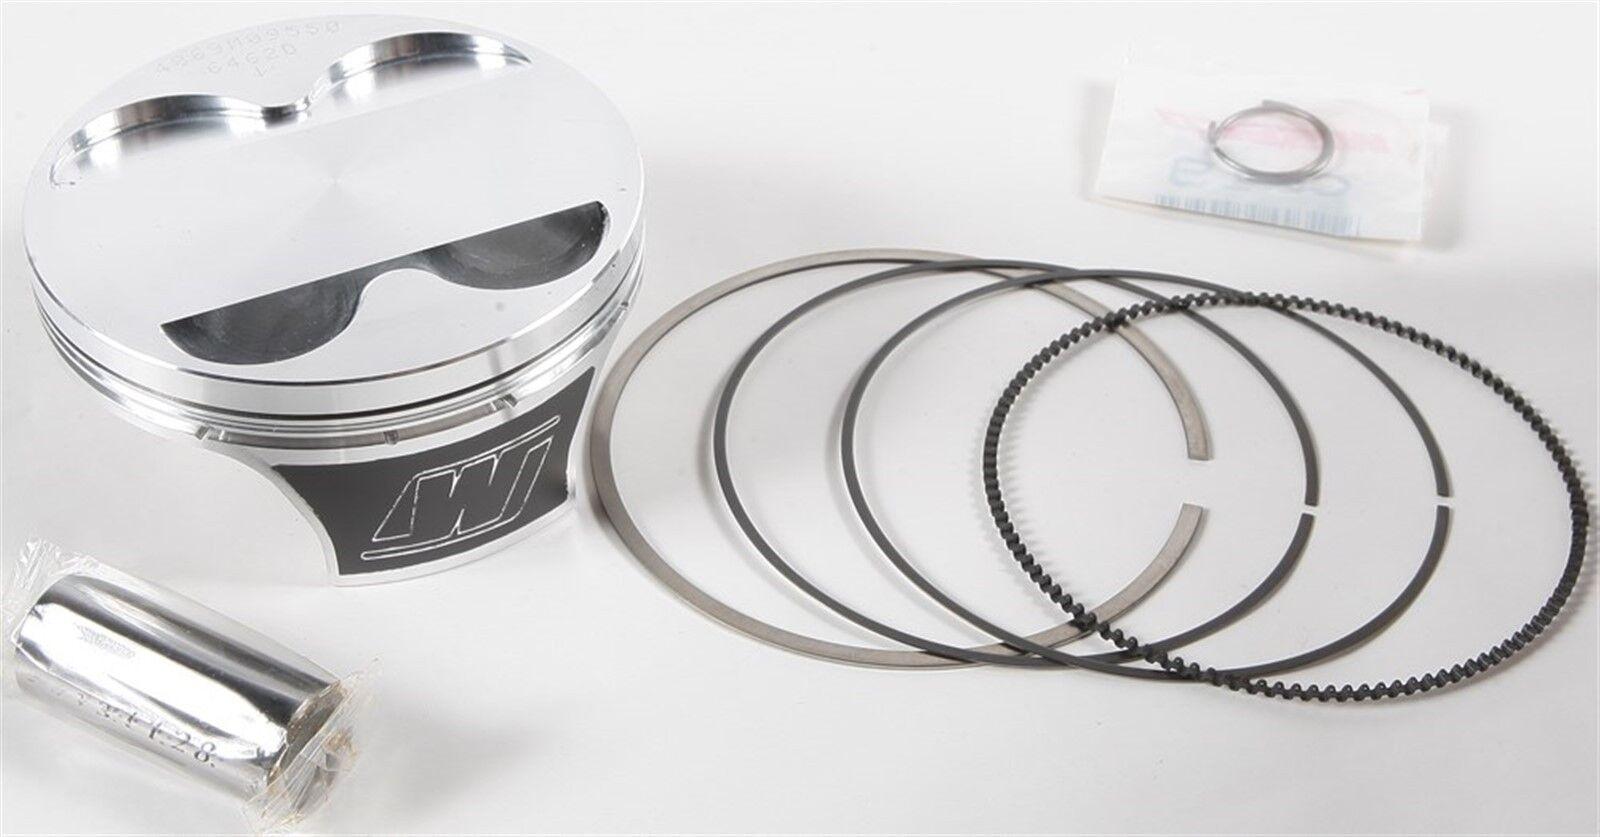 Wiseco Piston Kit Standard Bore 95.50mm 13:1 Compression 4912M09550